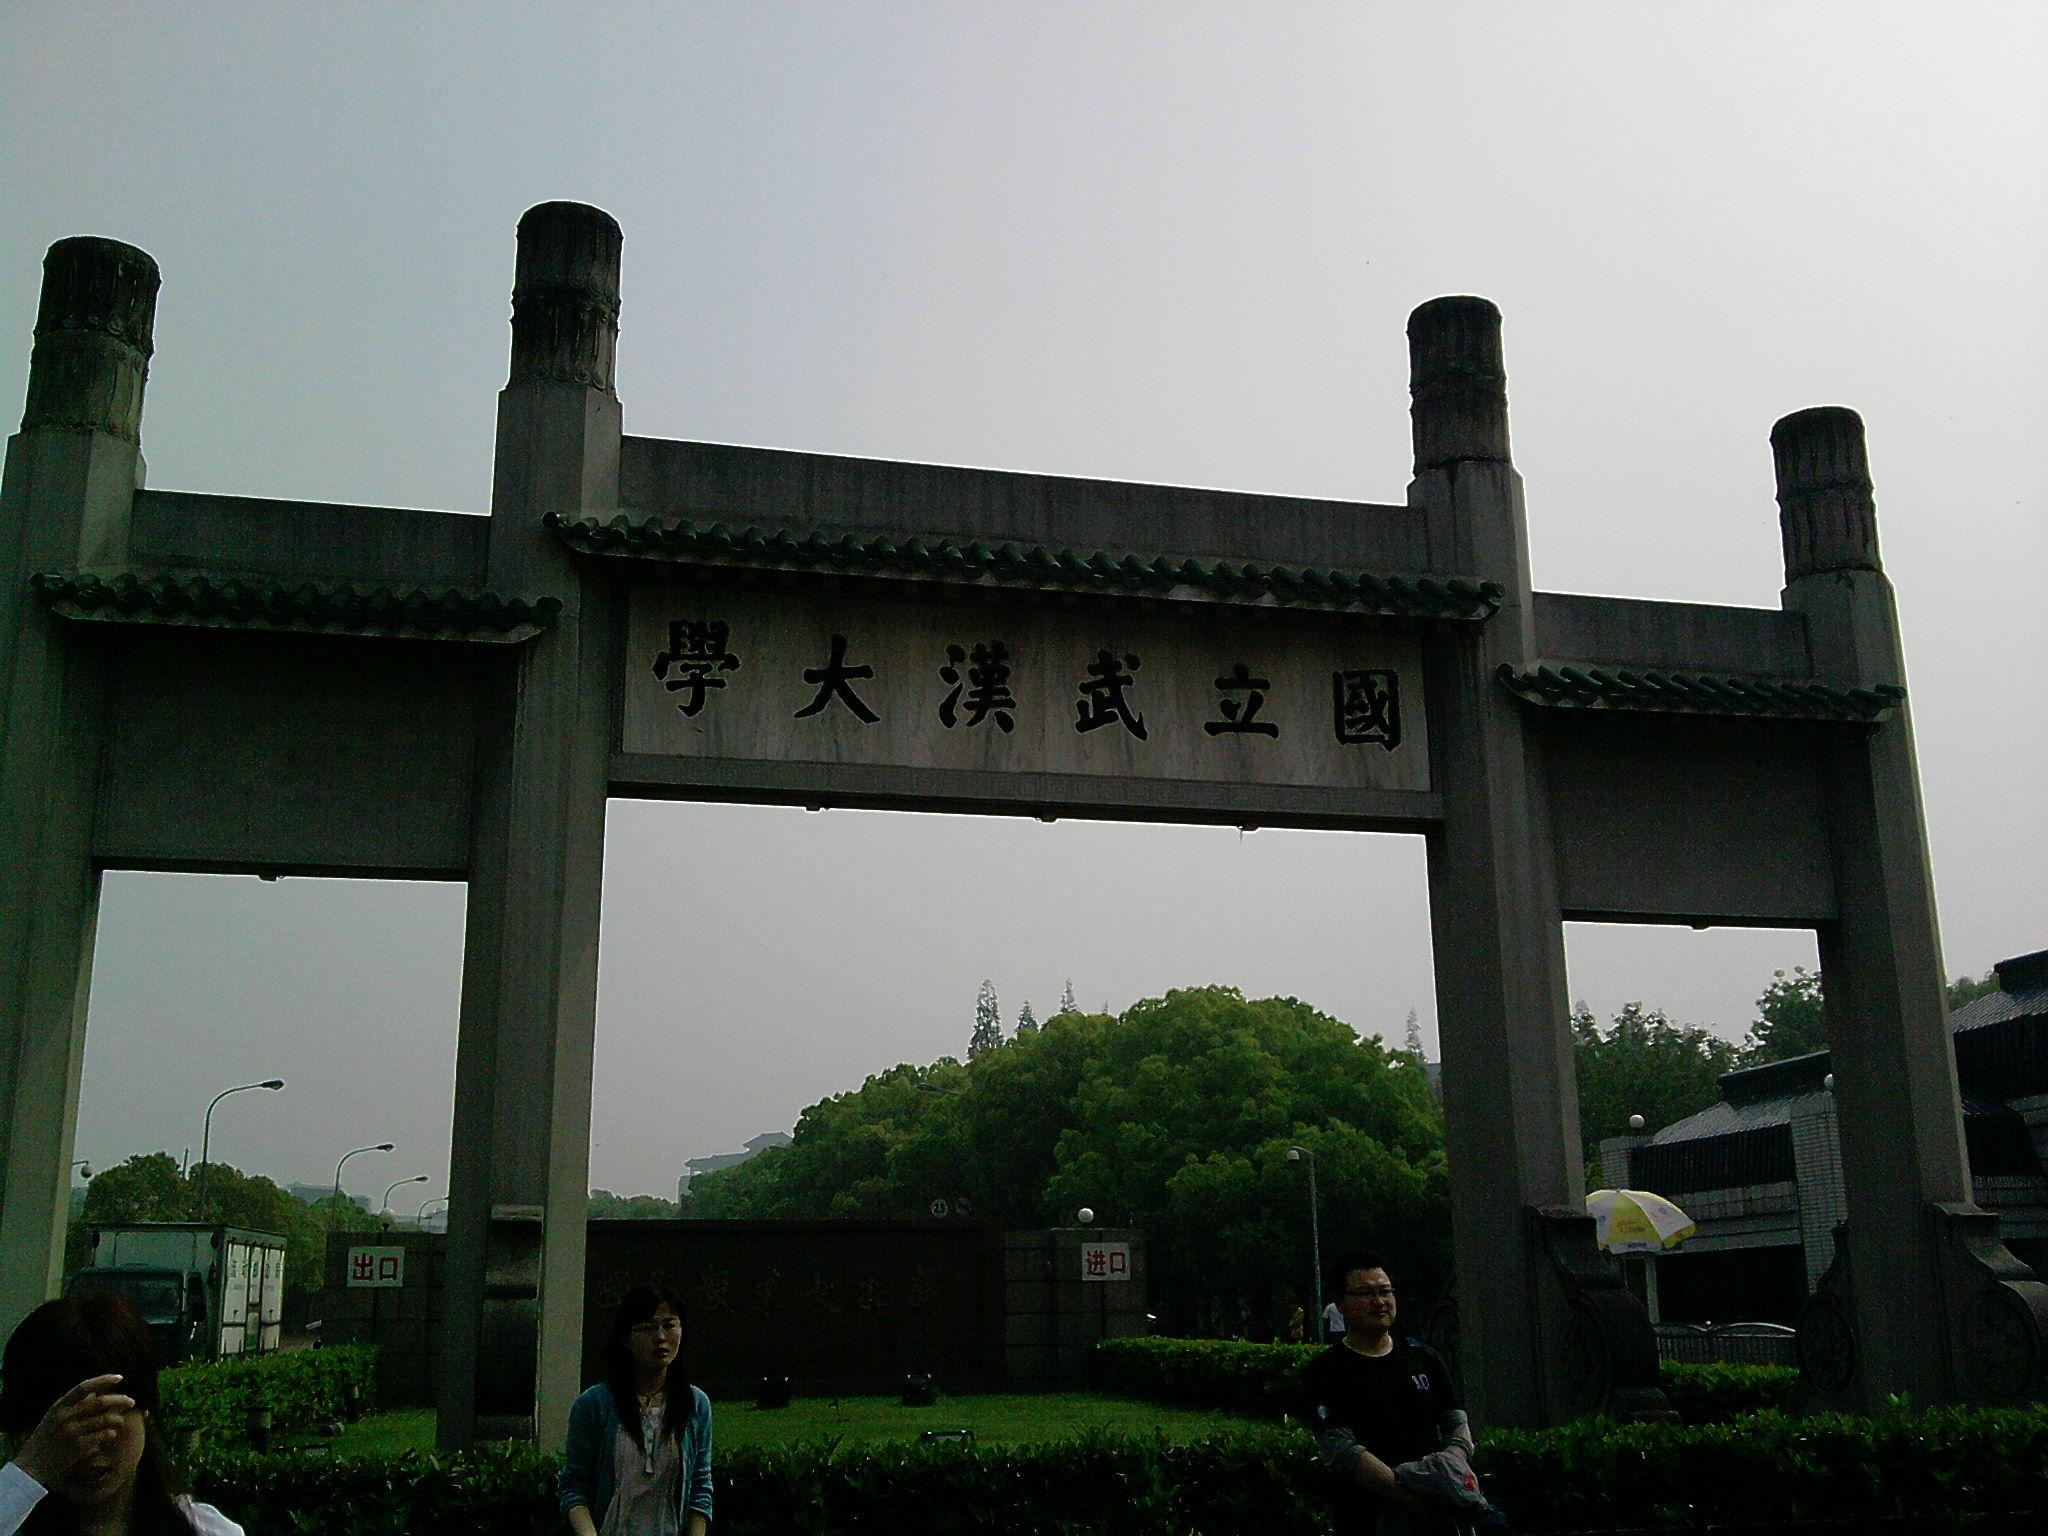 武汉大学校门图片_武汉大学校门图片设计; 湖北 托福考场: 武汉大学